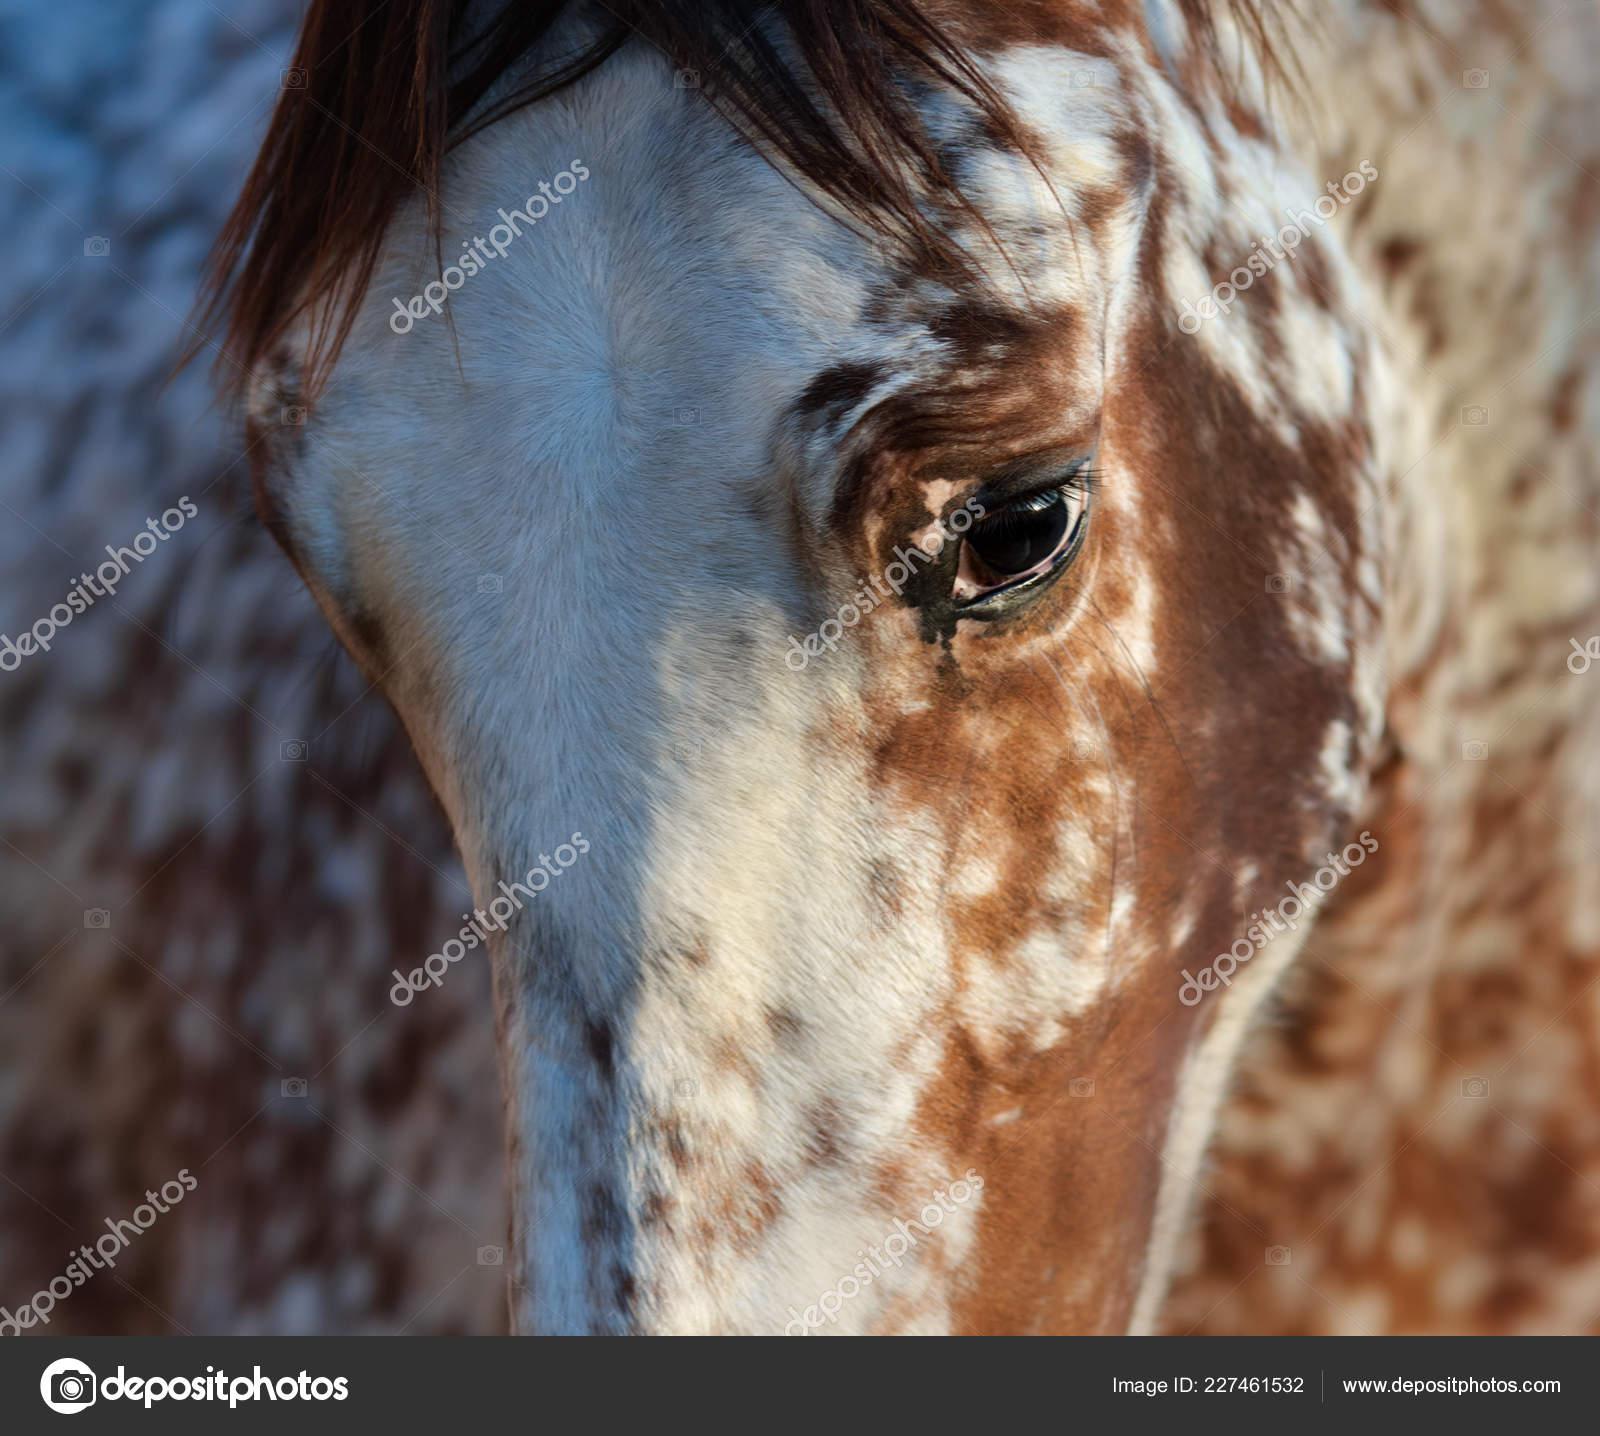 Beautiful Rare Unique Color Appaloosa Crossbreed Appaloosa Andalusian Horse Stock Photo C Tristana 227461532